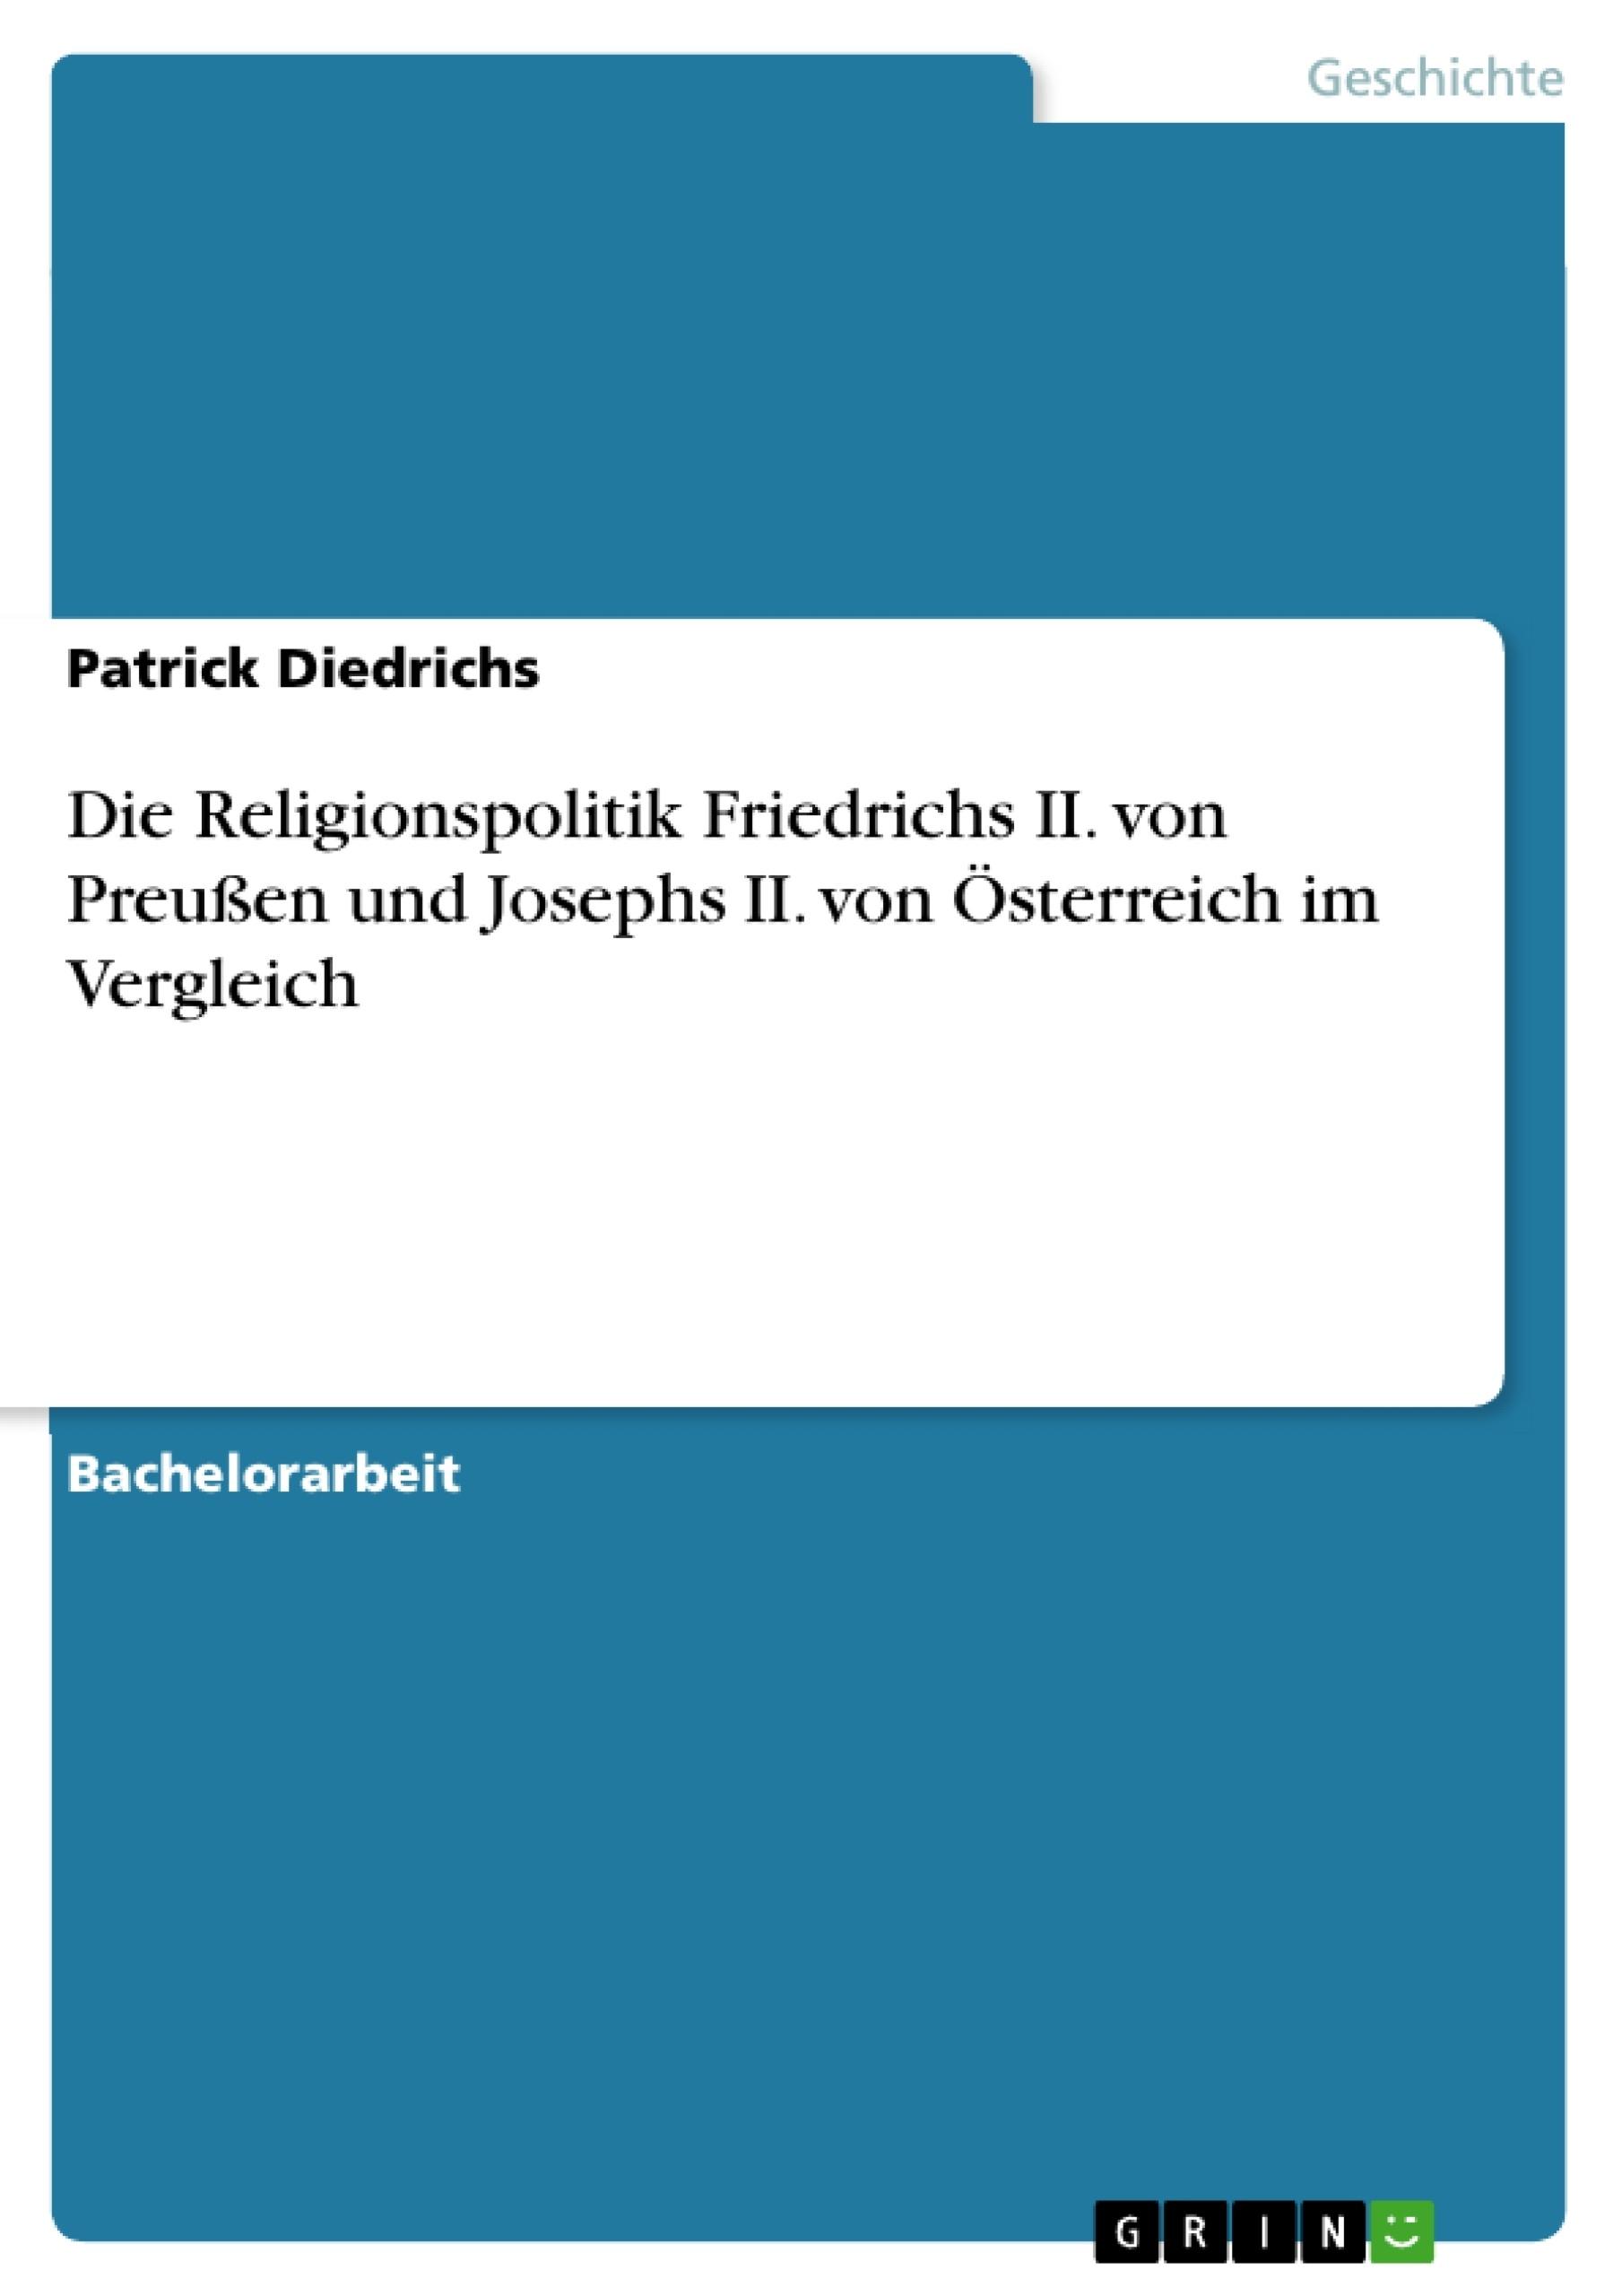 Titel: Die Religionspolitik Friedrichs II. von Preußen und Josephs II. von Österreich im Vergleich